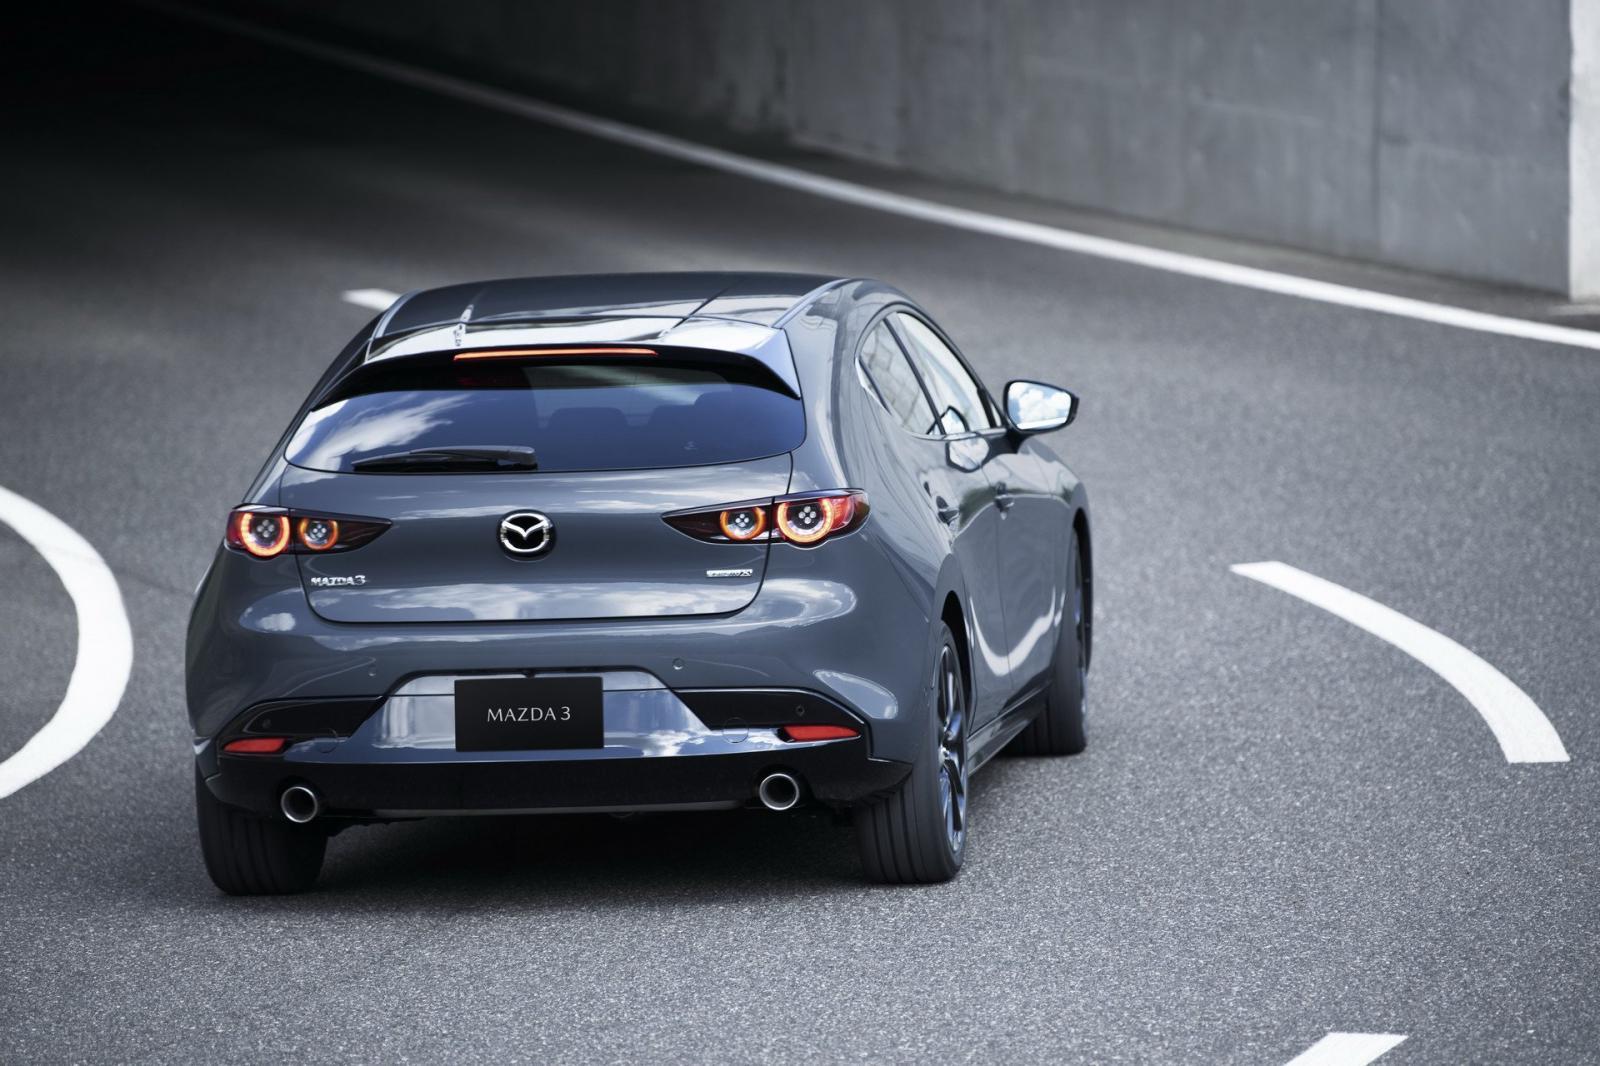 Una nueva versión deportiva del Mazda 3 podría llegar en el futuro cercano